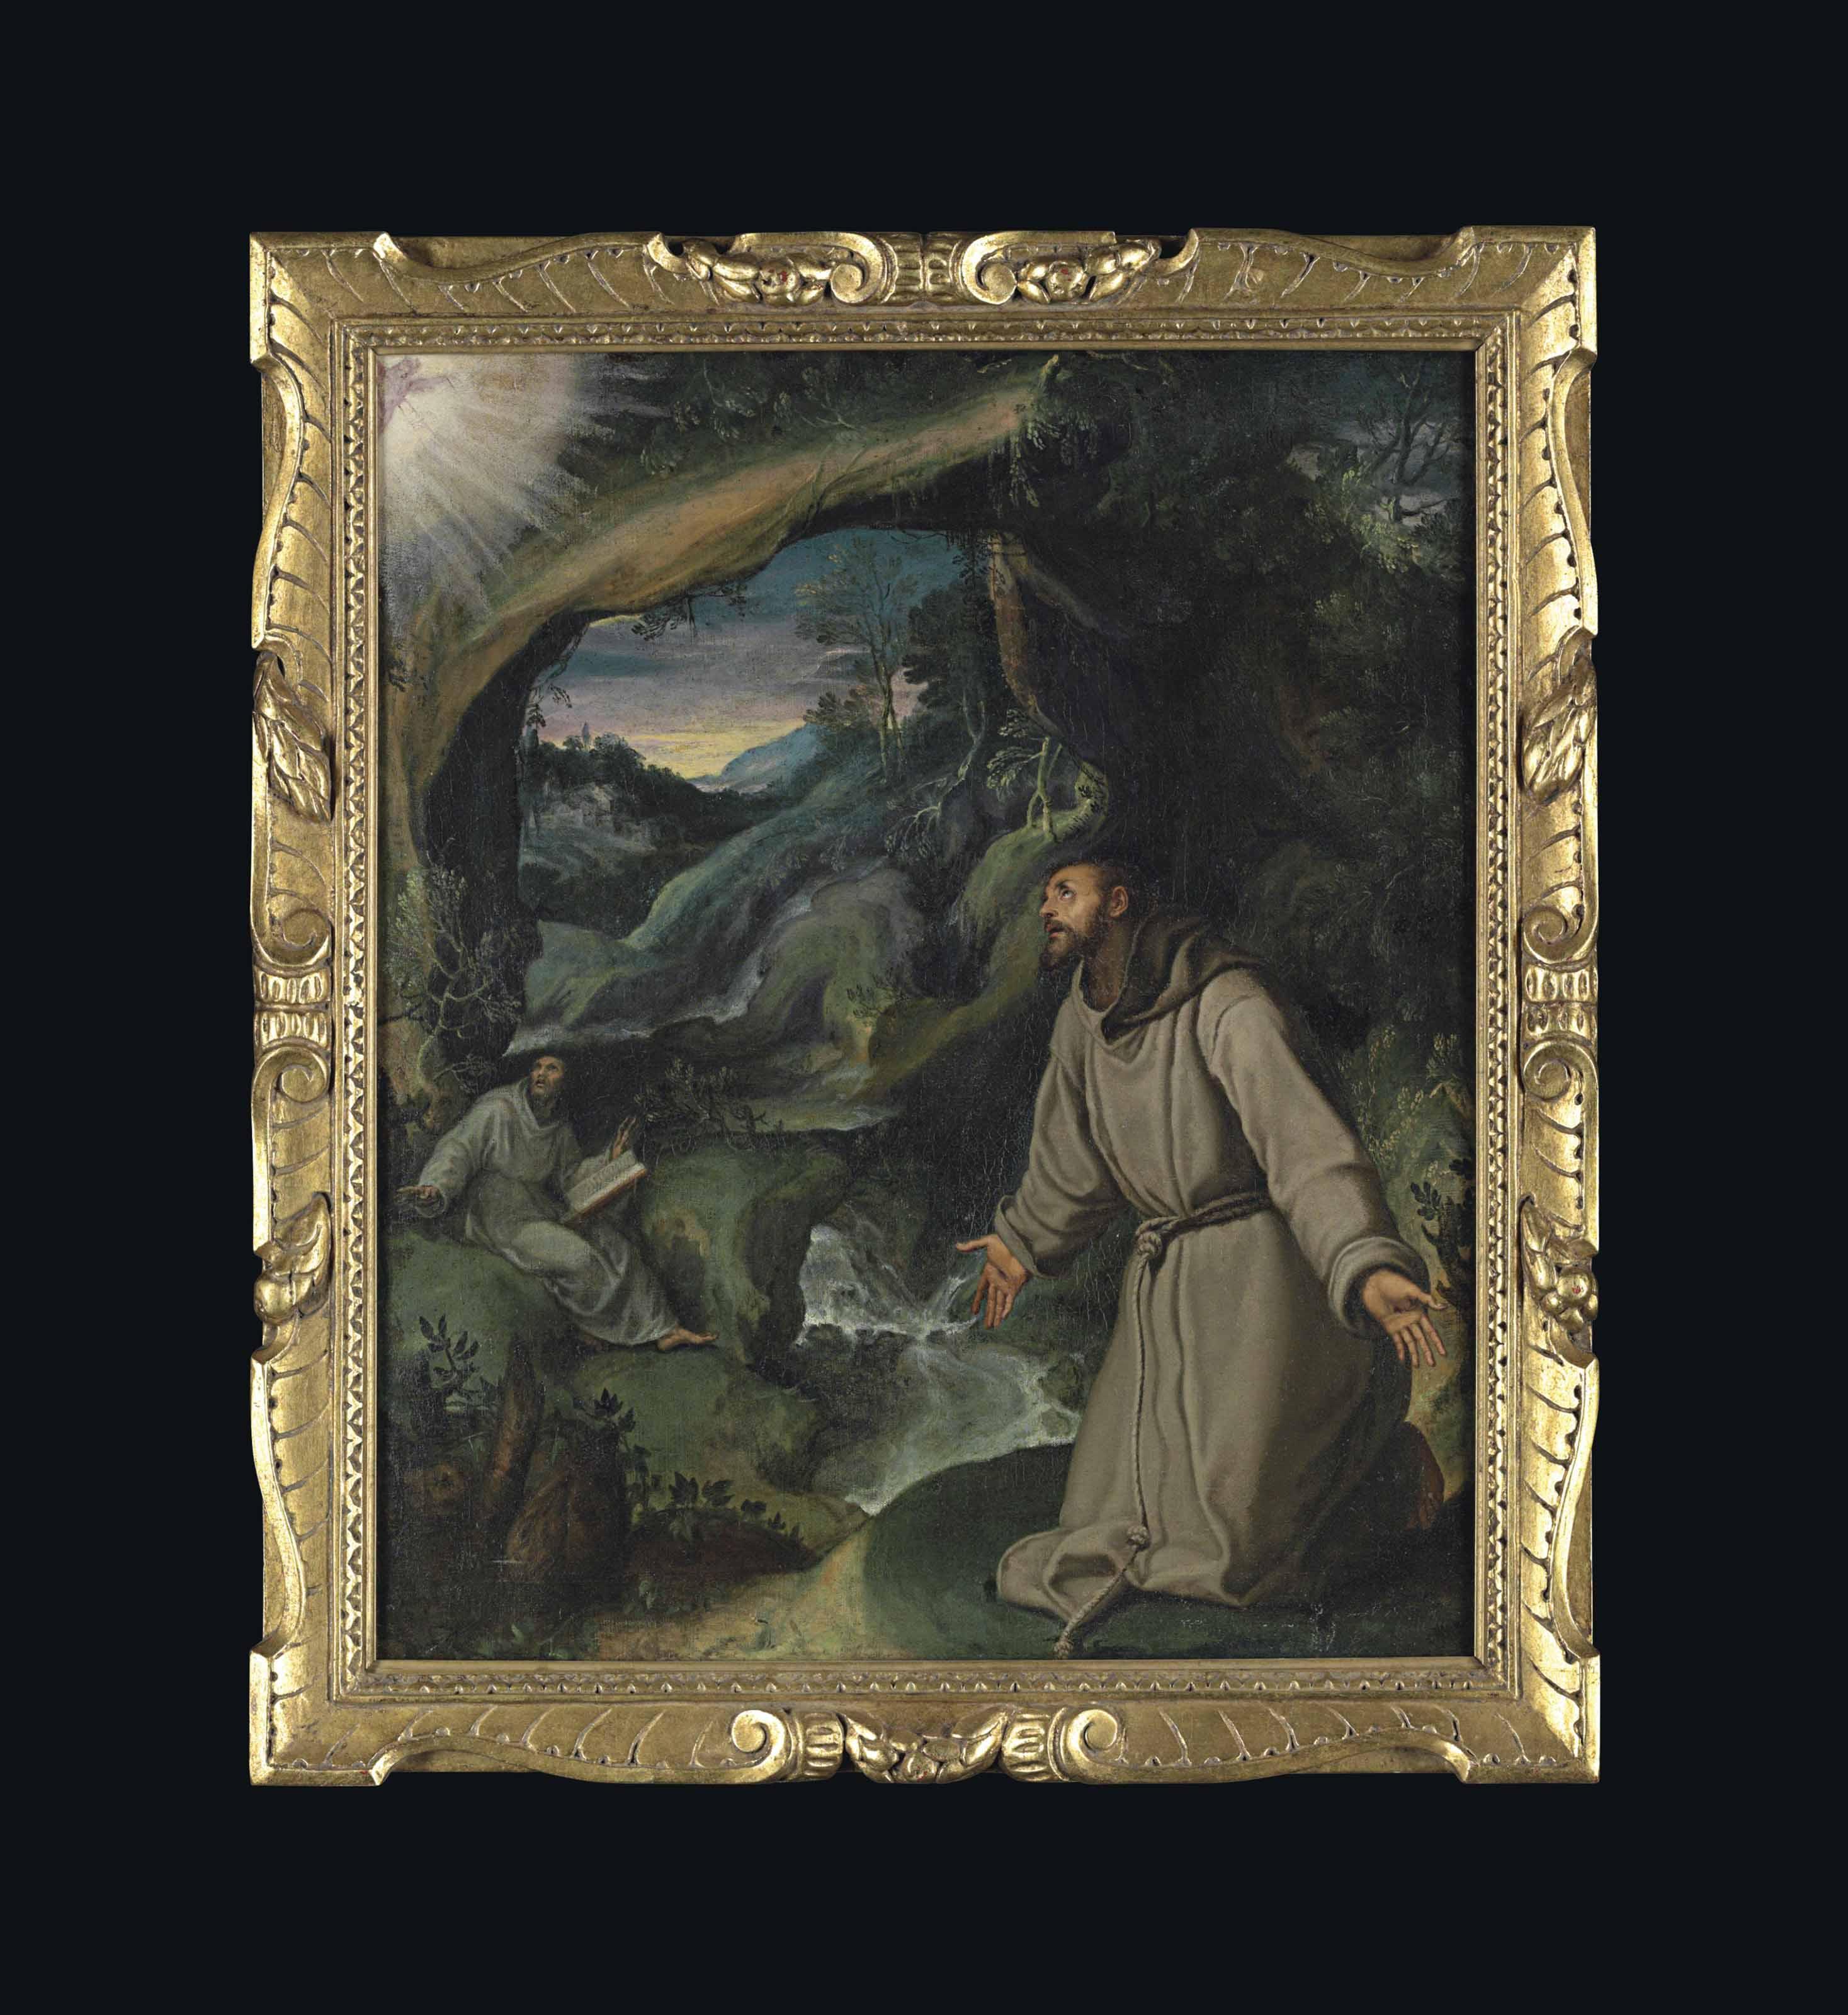 Studio of Girolamo Muziano (Br